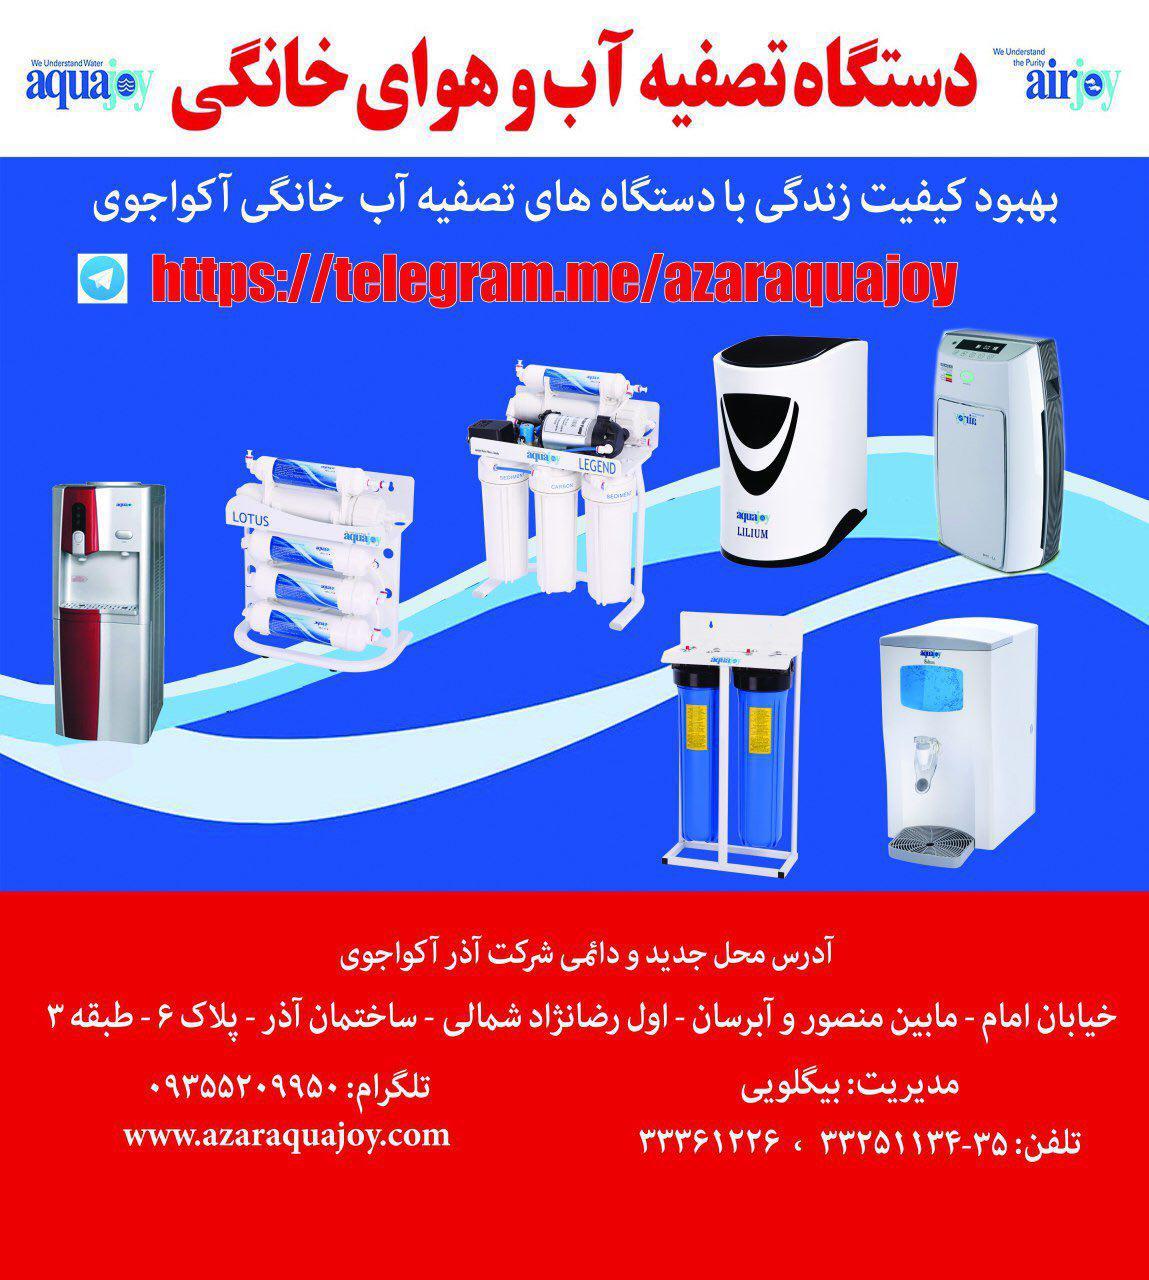 نمایشگاه دستگاههای تصفیه آب آکواجوی کانادا در تبریز برگزار می گردد